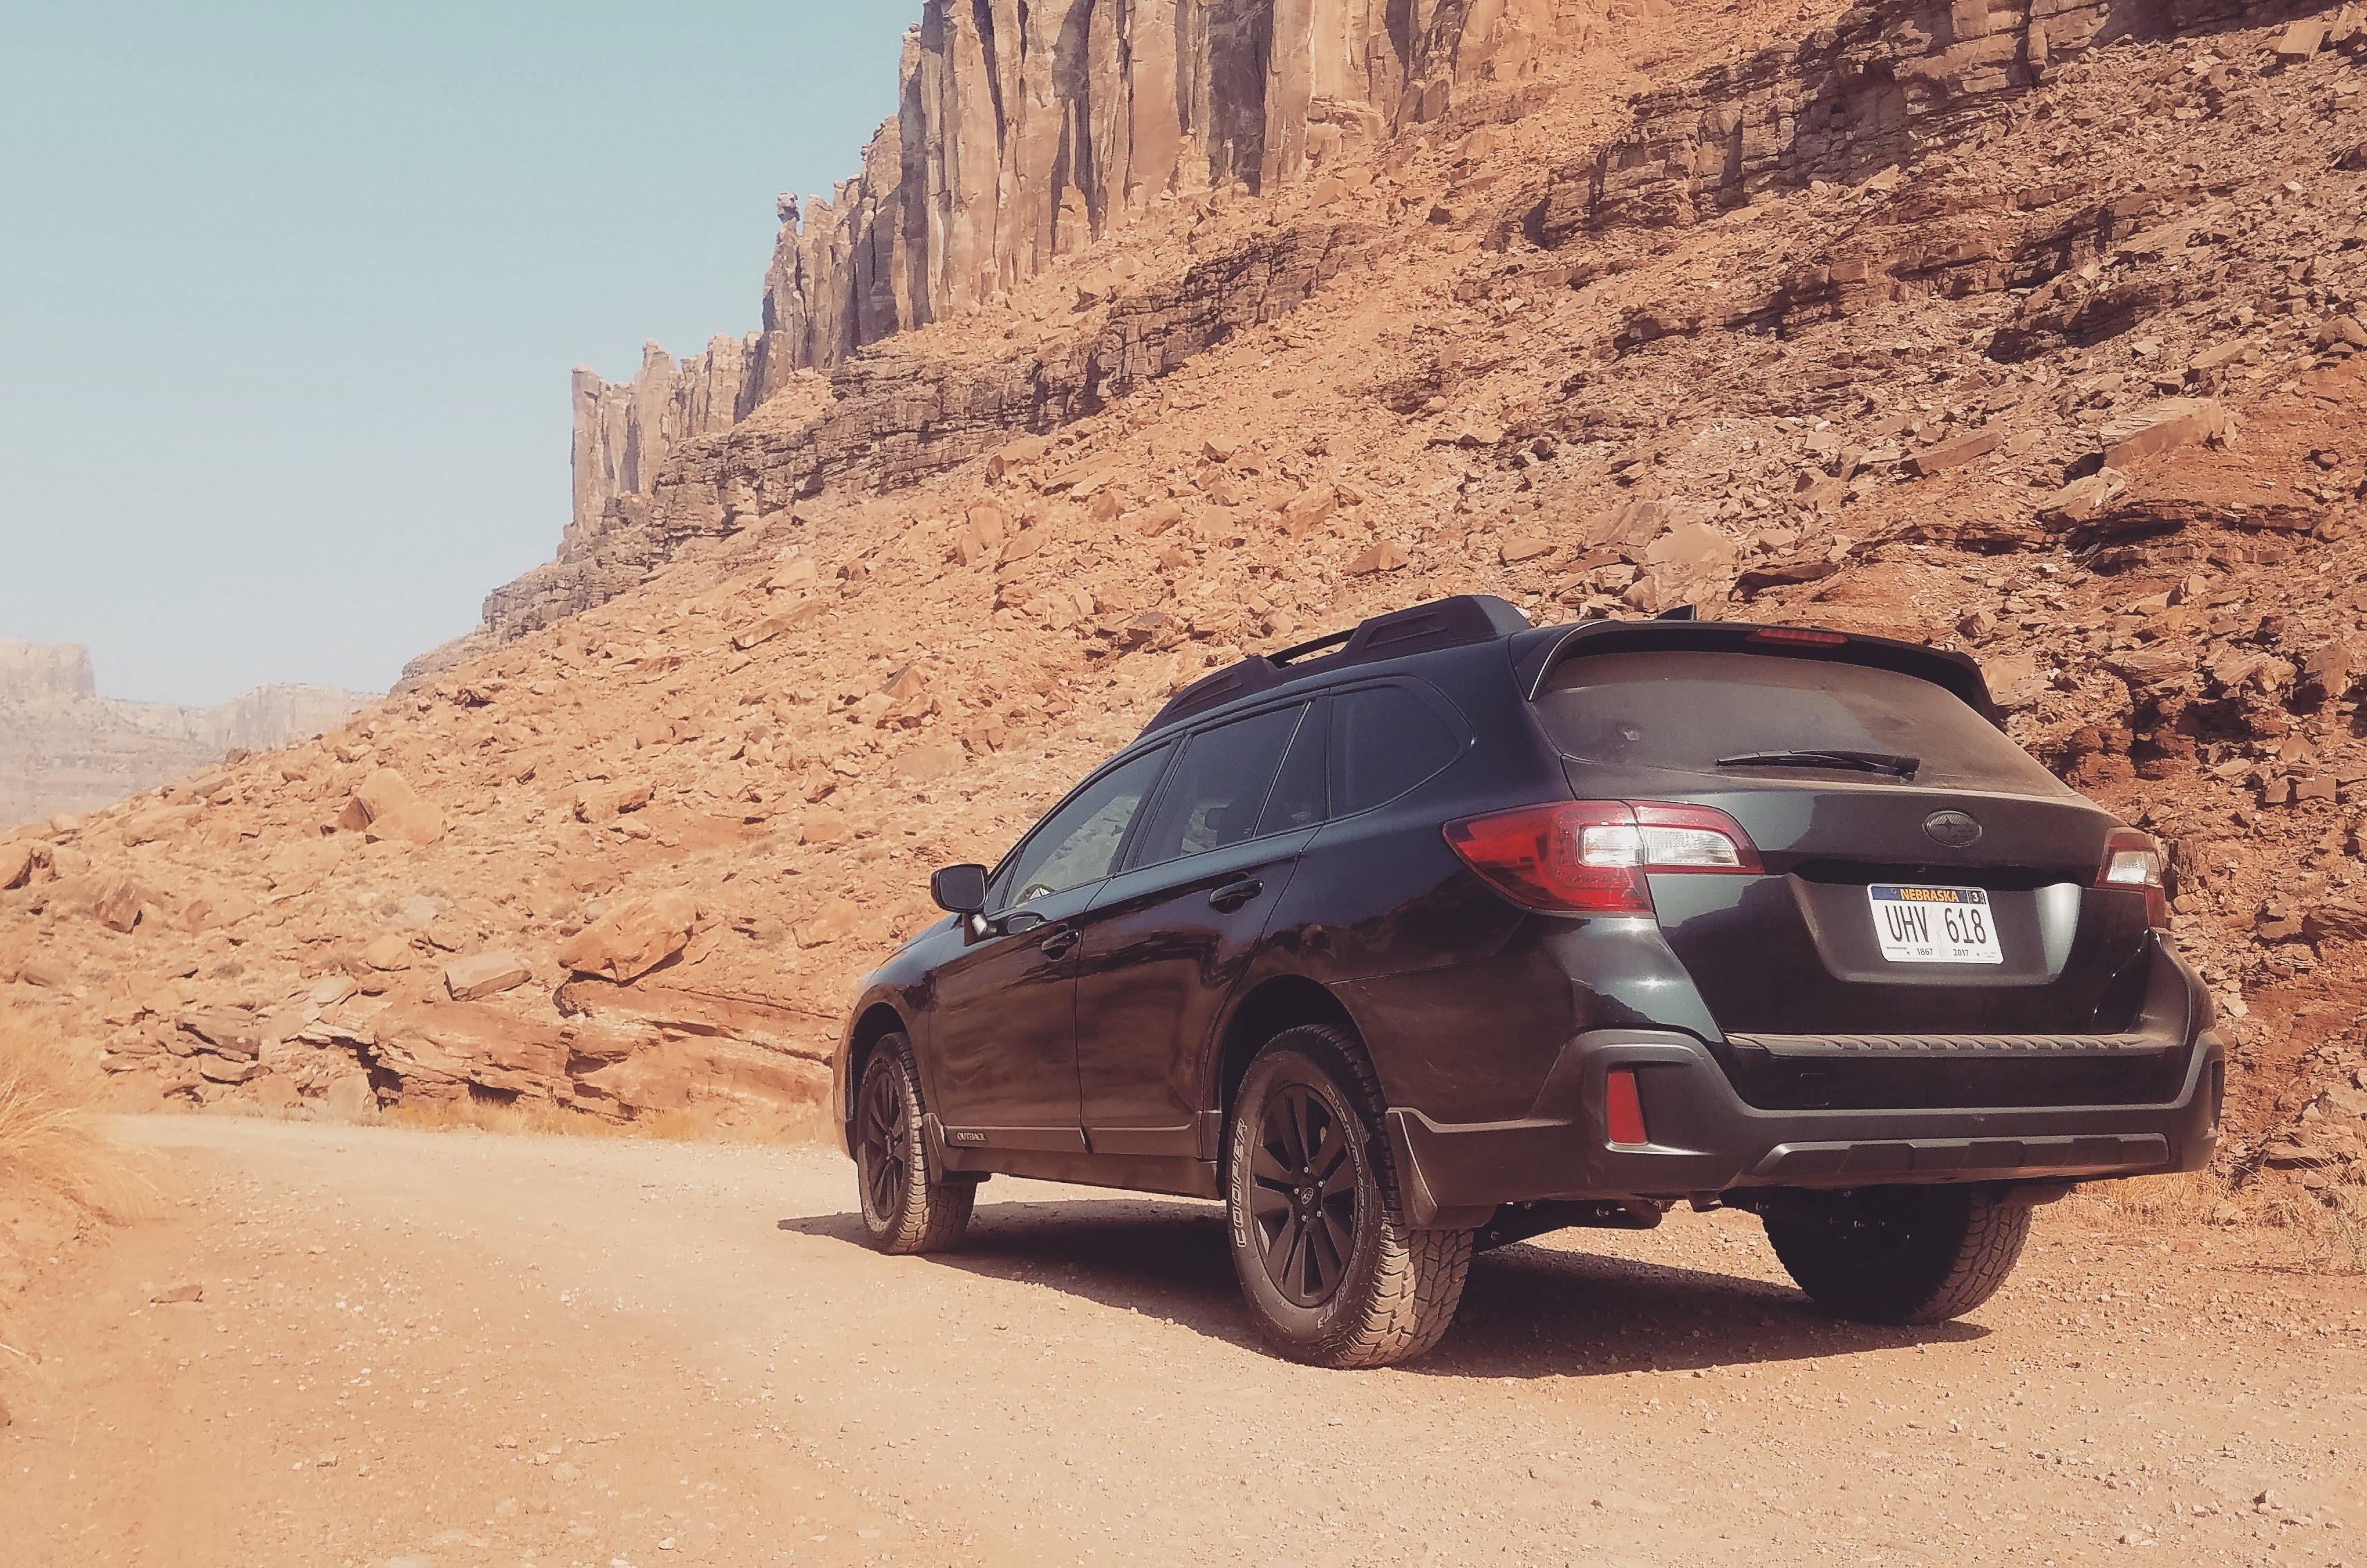 AUTOREVIEWERS.COM | 2015 Subaru Outback | Auto Reviewers |Small Subaru Outback